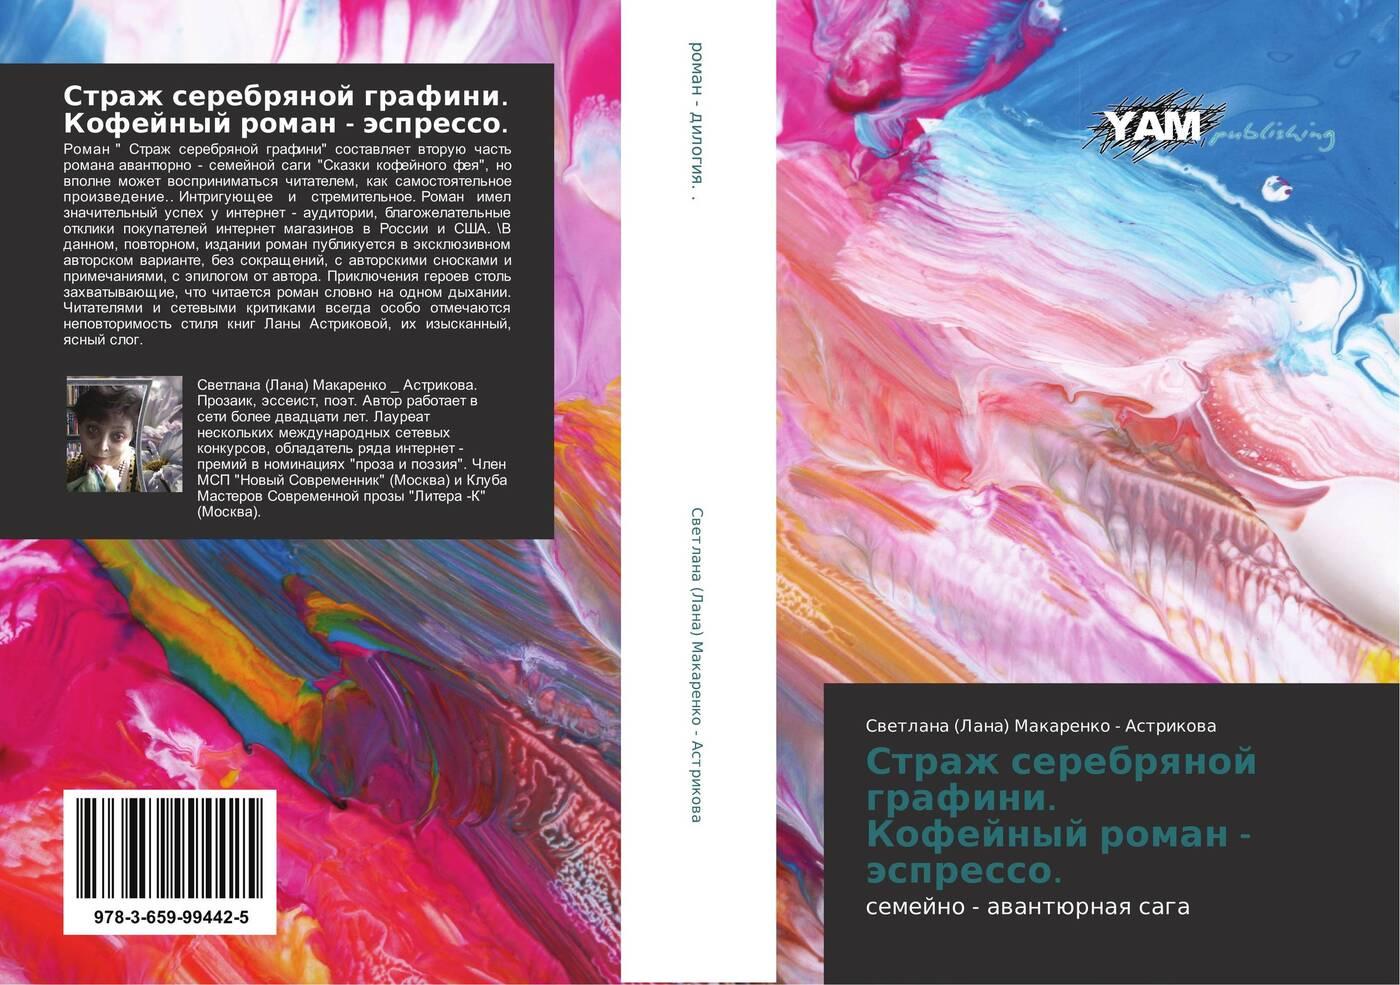 Светлана (Лана) Макаренко - Астрикова Страж серебряной графини. Кофейный роман - эспрессо.